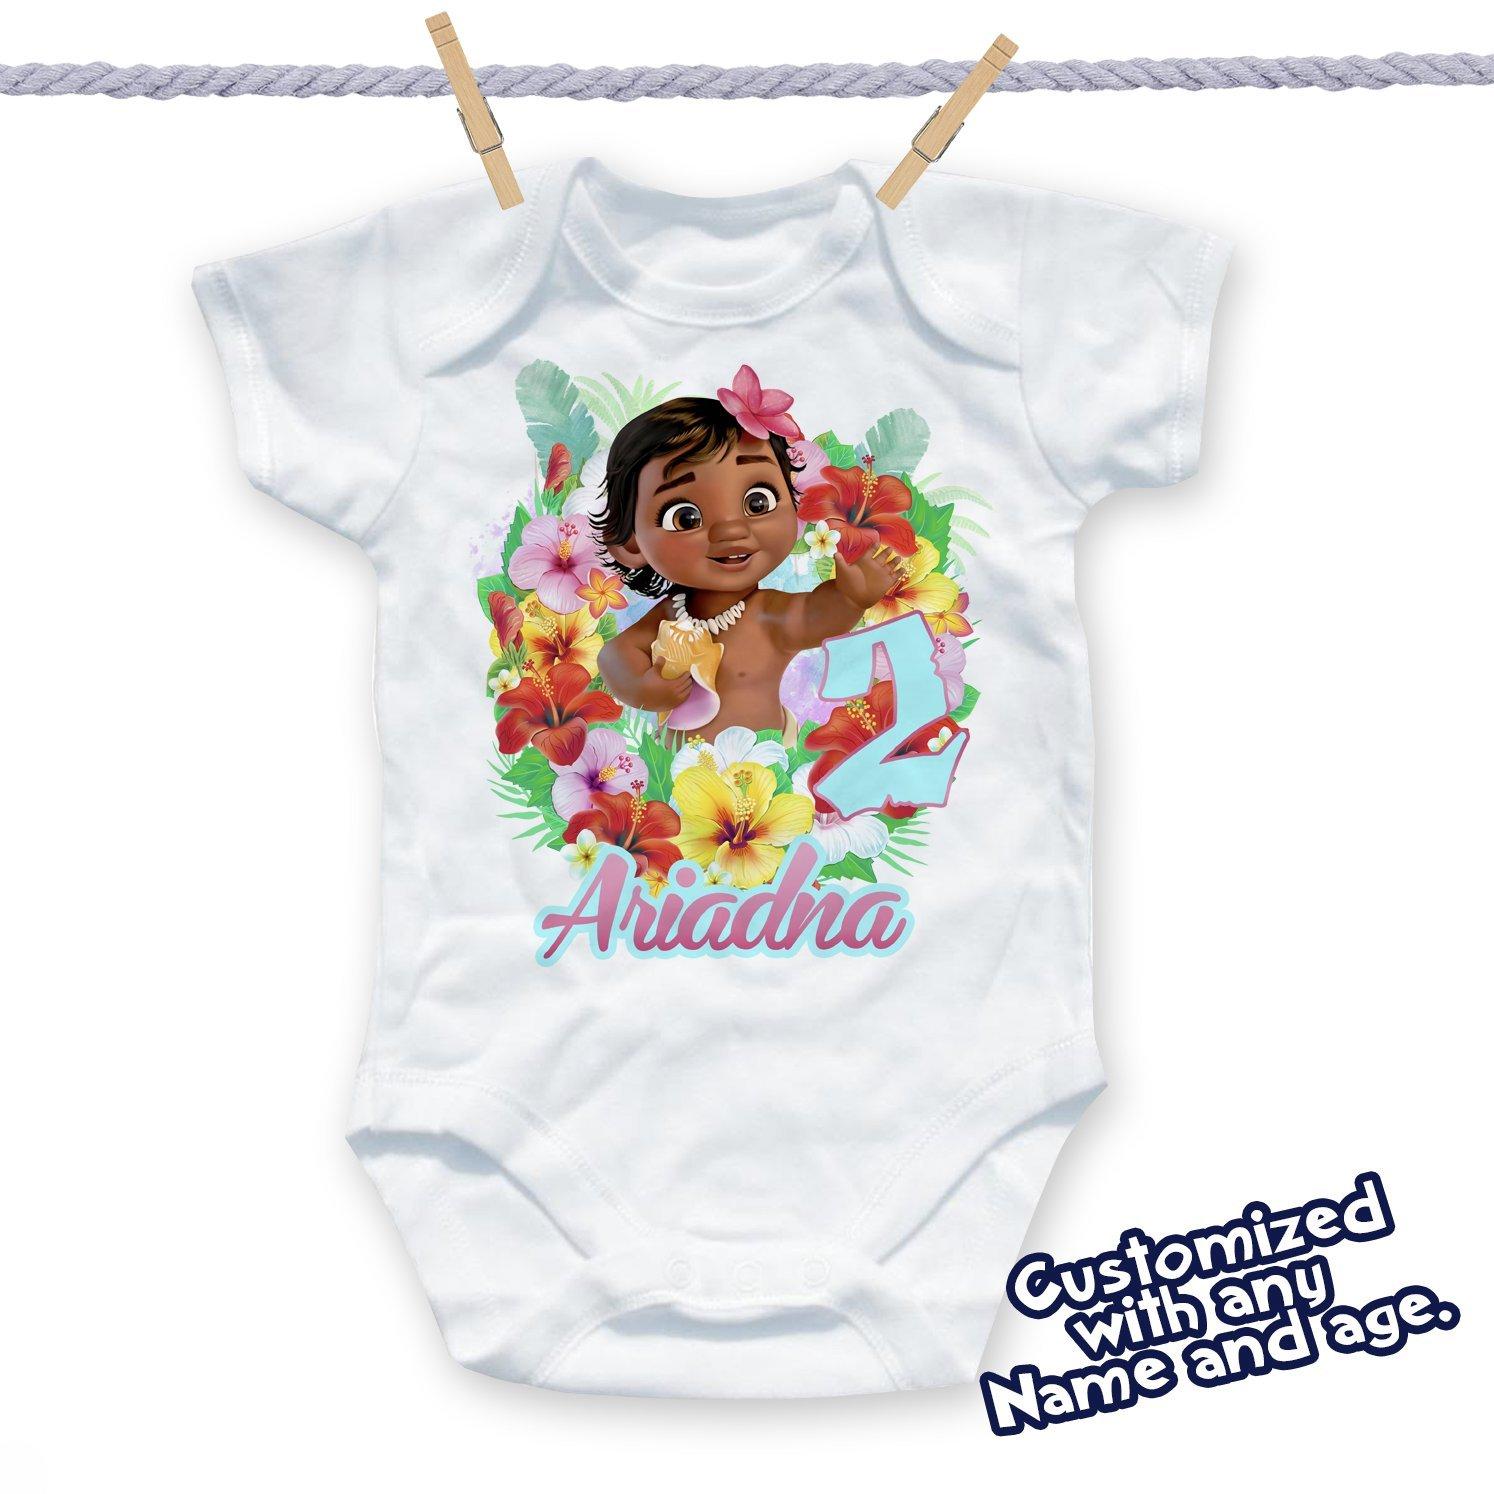 Moana Birthday Shirt, Moana Custom Name and Age Birthday Shirt, Moana Maui Birthday Shirt, Moana Party, Moana and maui party